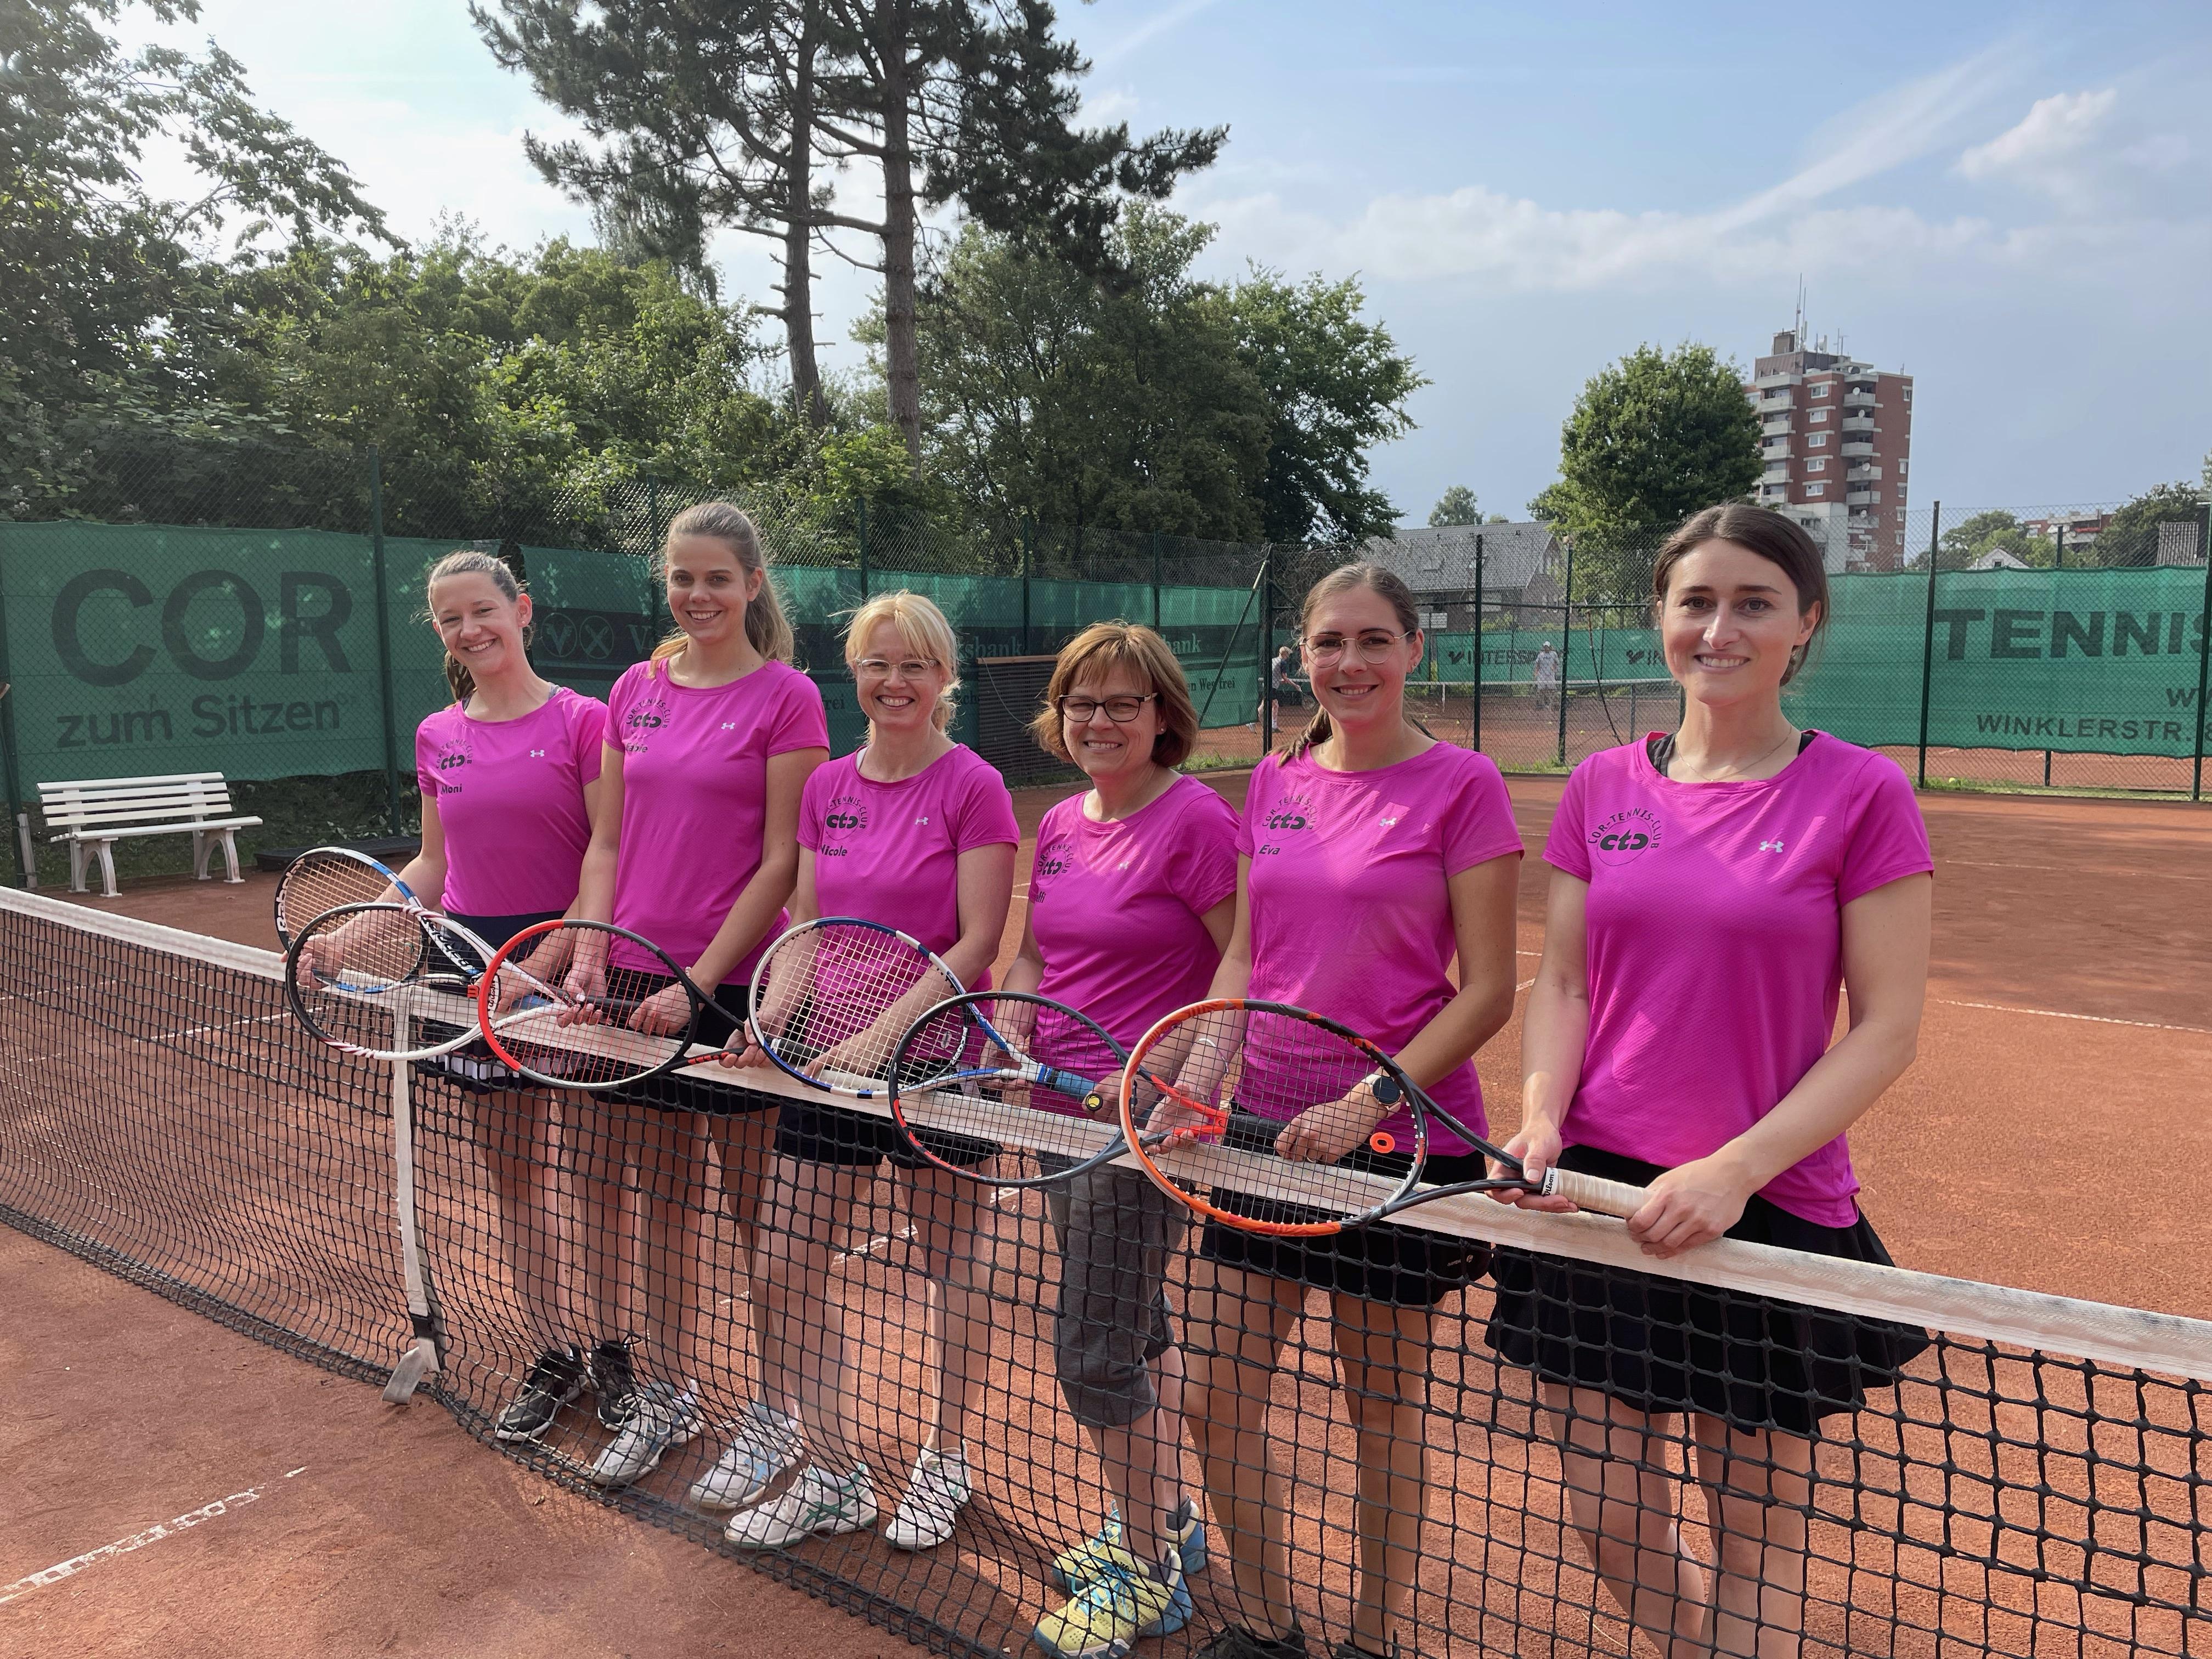 Cor Tennisclub Rheda e.V. - Hobby Damen 2